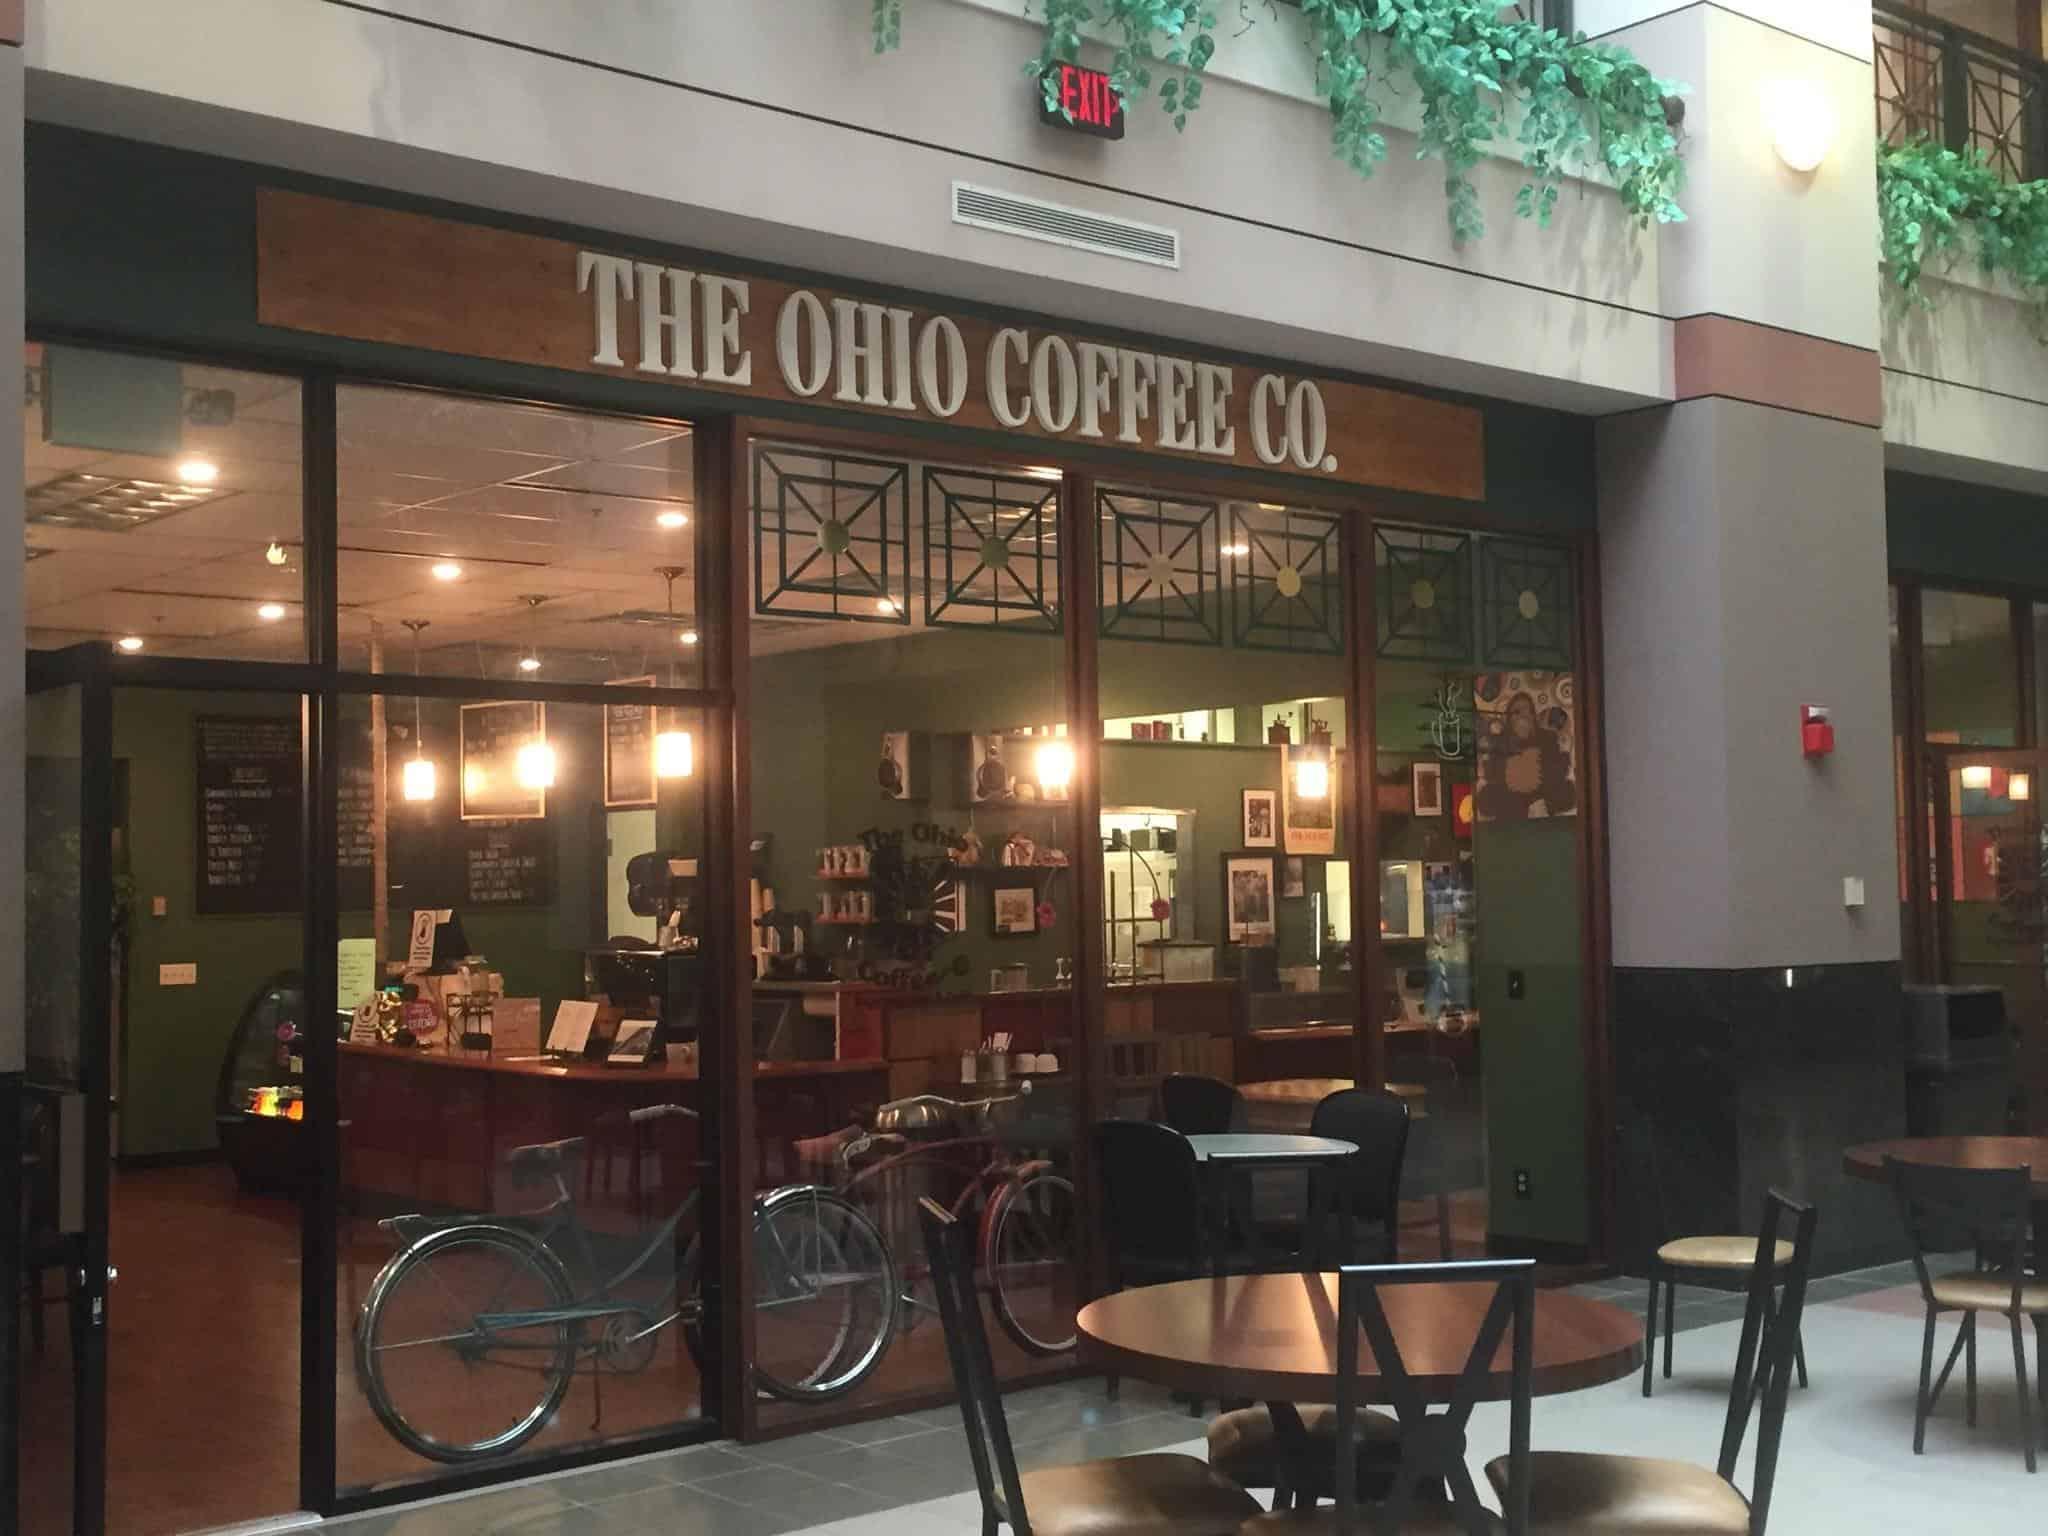 The Ohio Coffee Co.